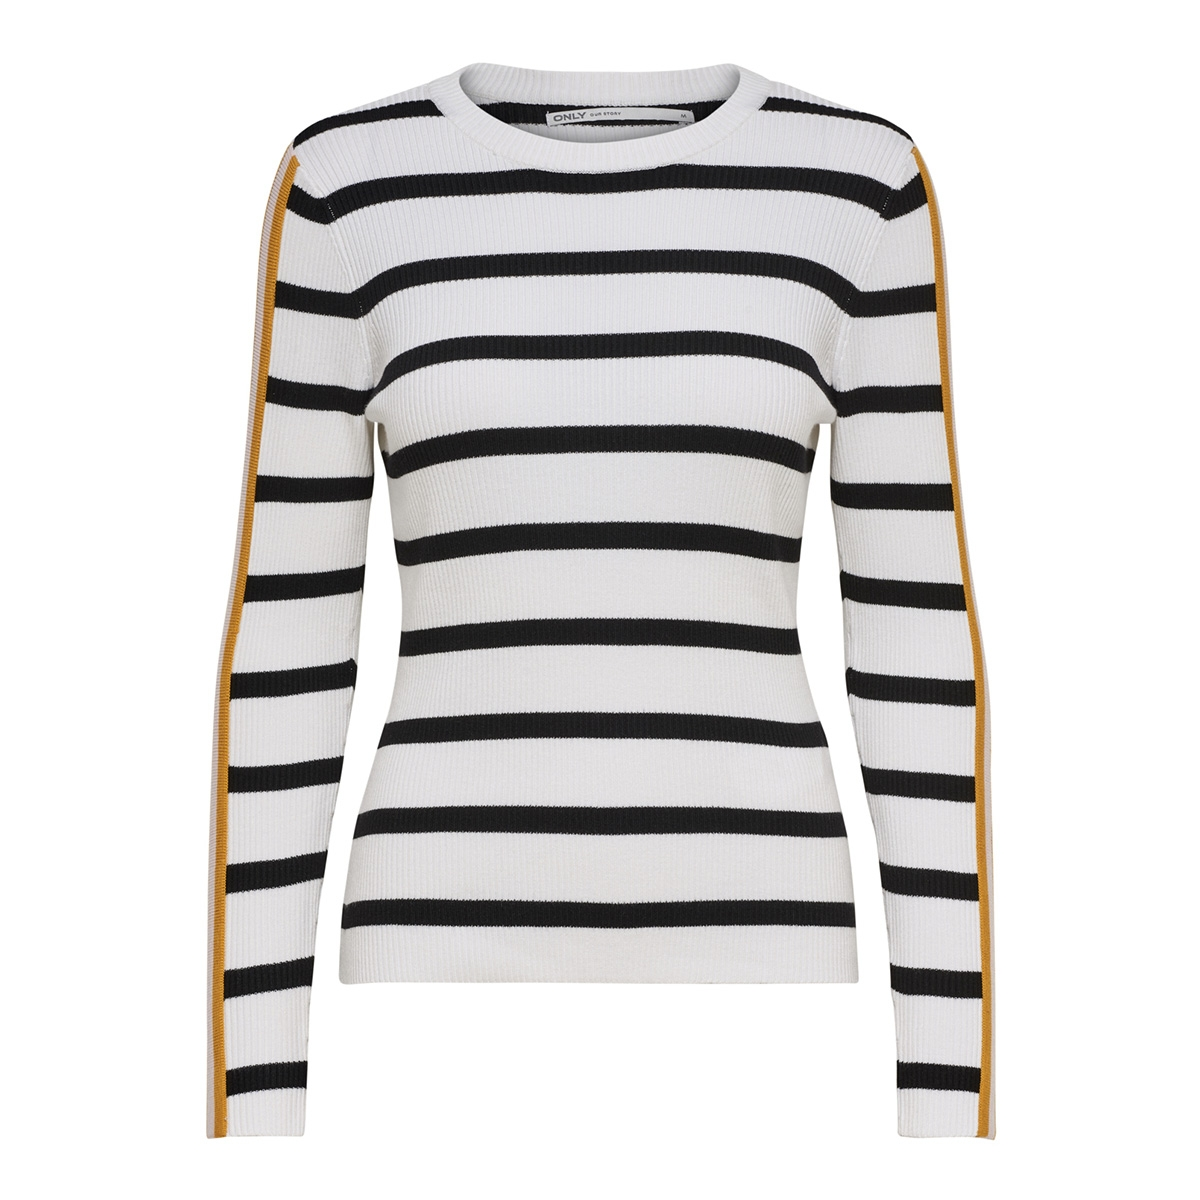 onlthia l/s pullover knt 15172361 only trui bright white/w. black